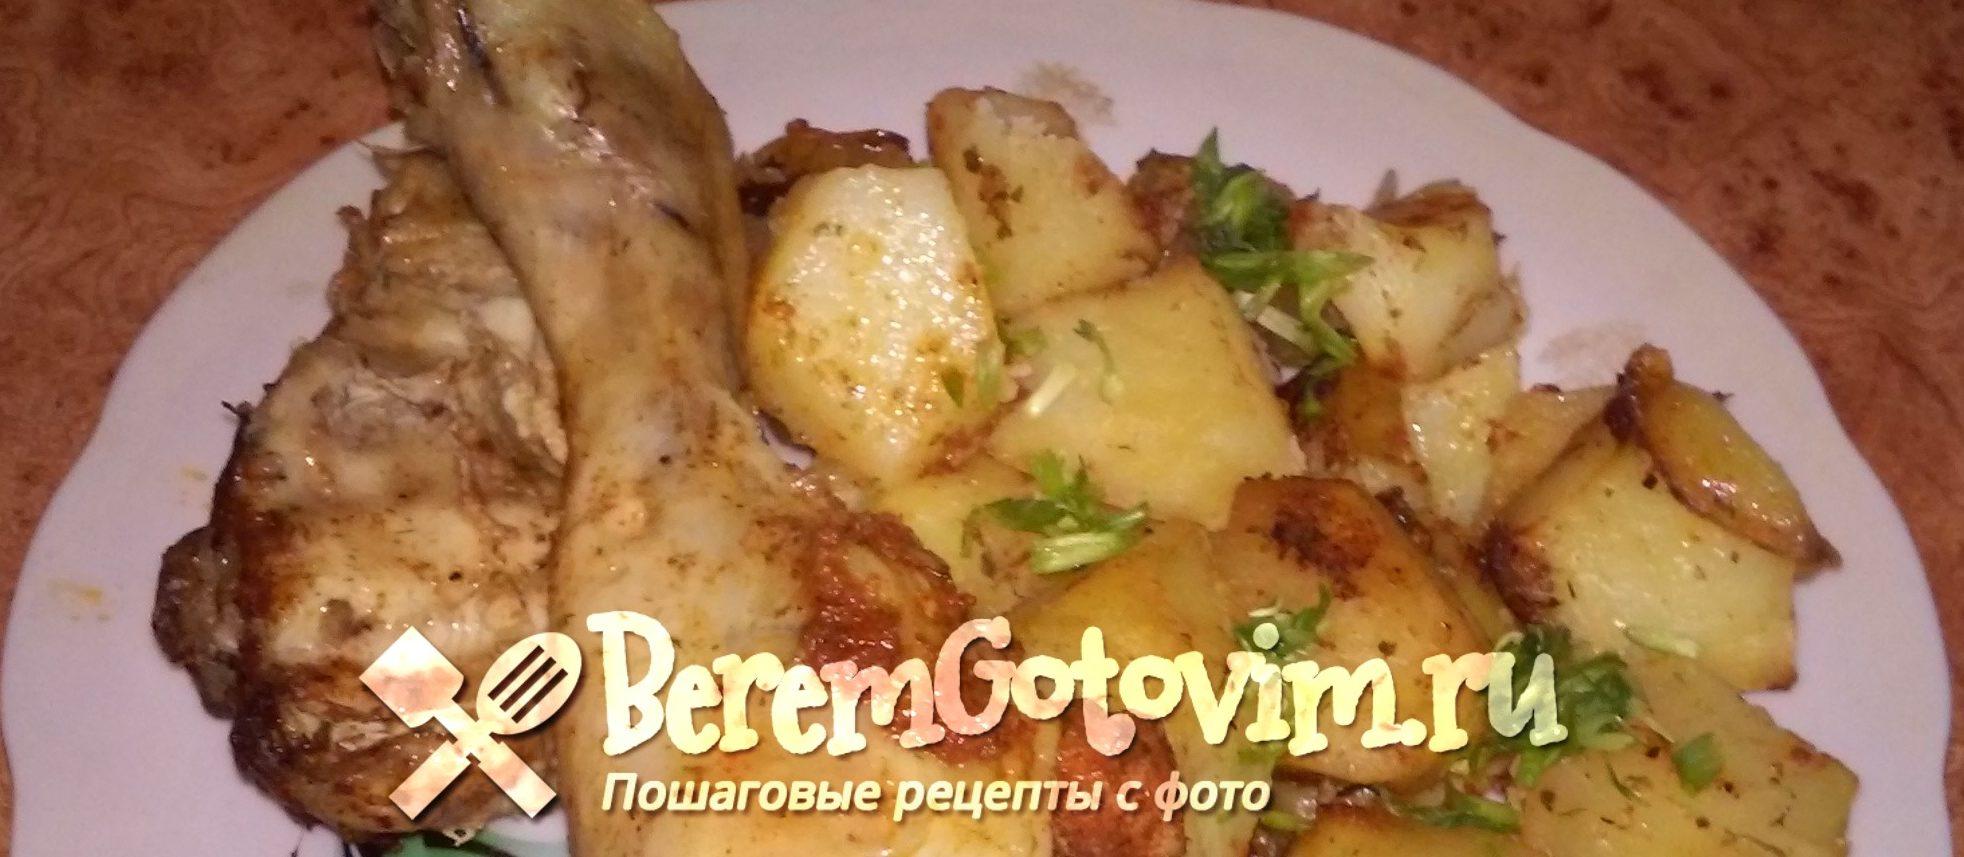 Котлеты из картофеля пошаговое фото